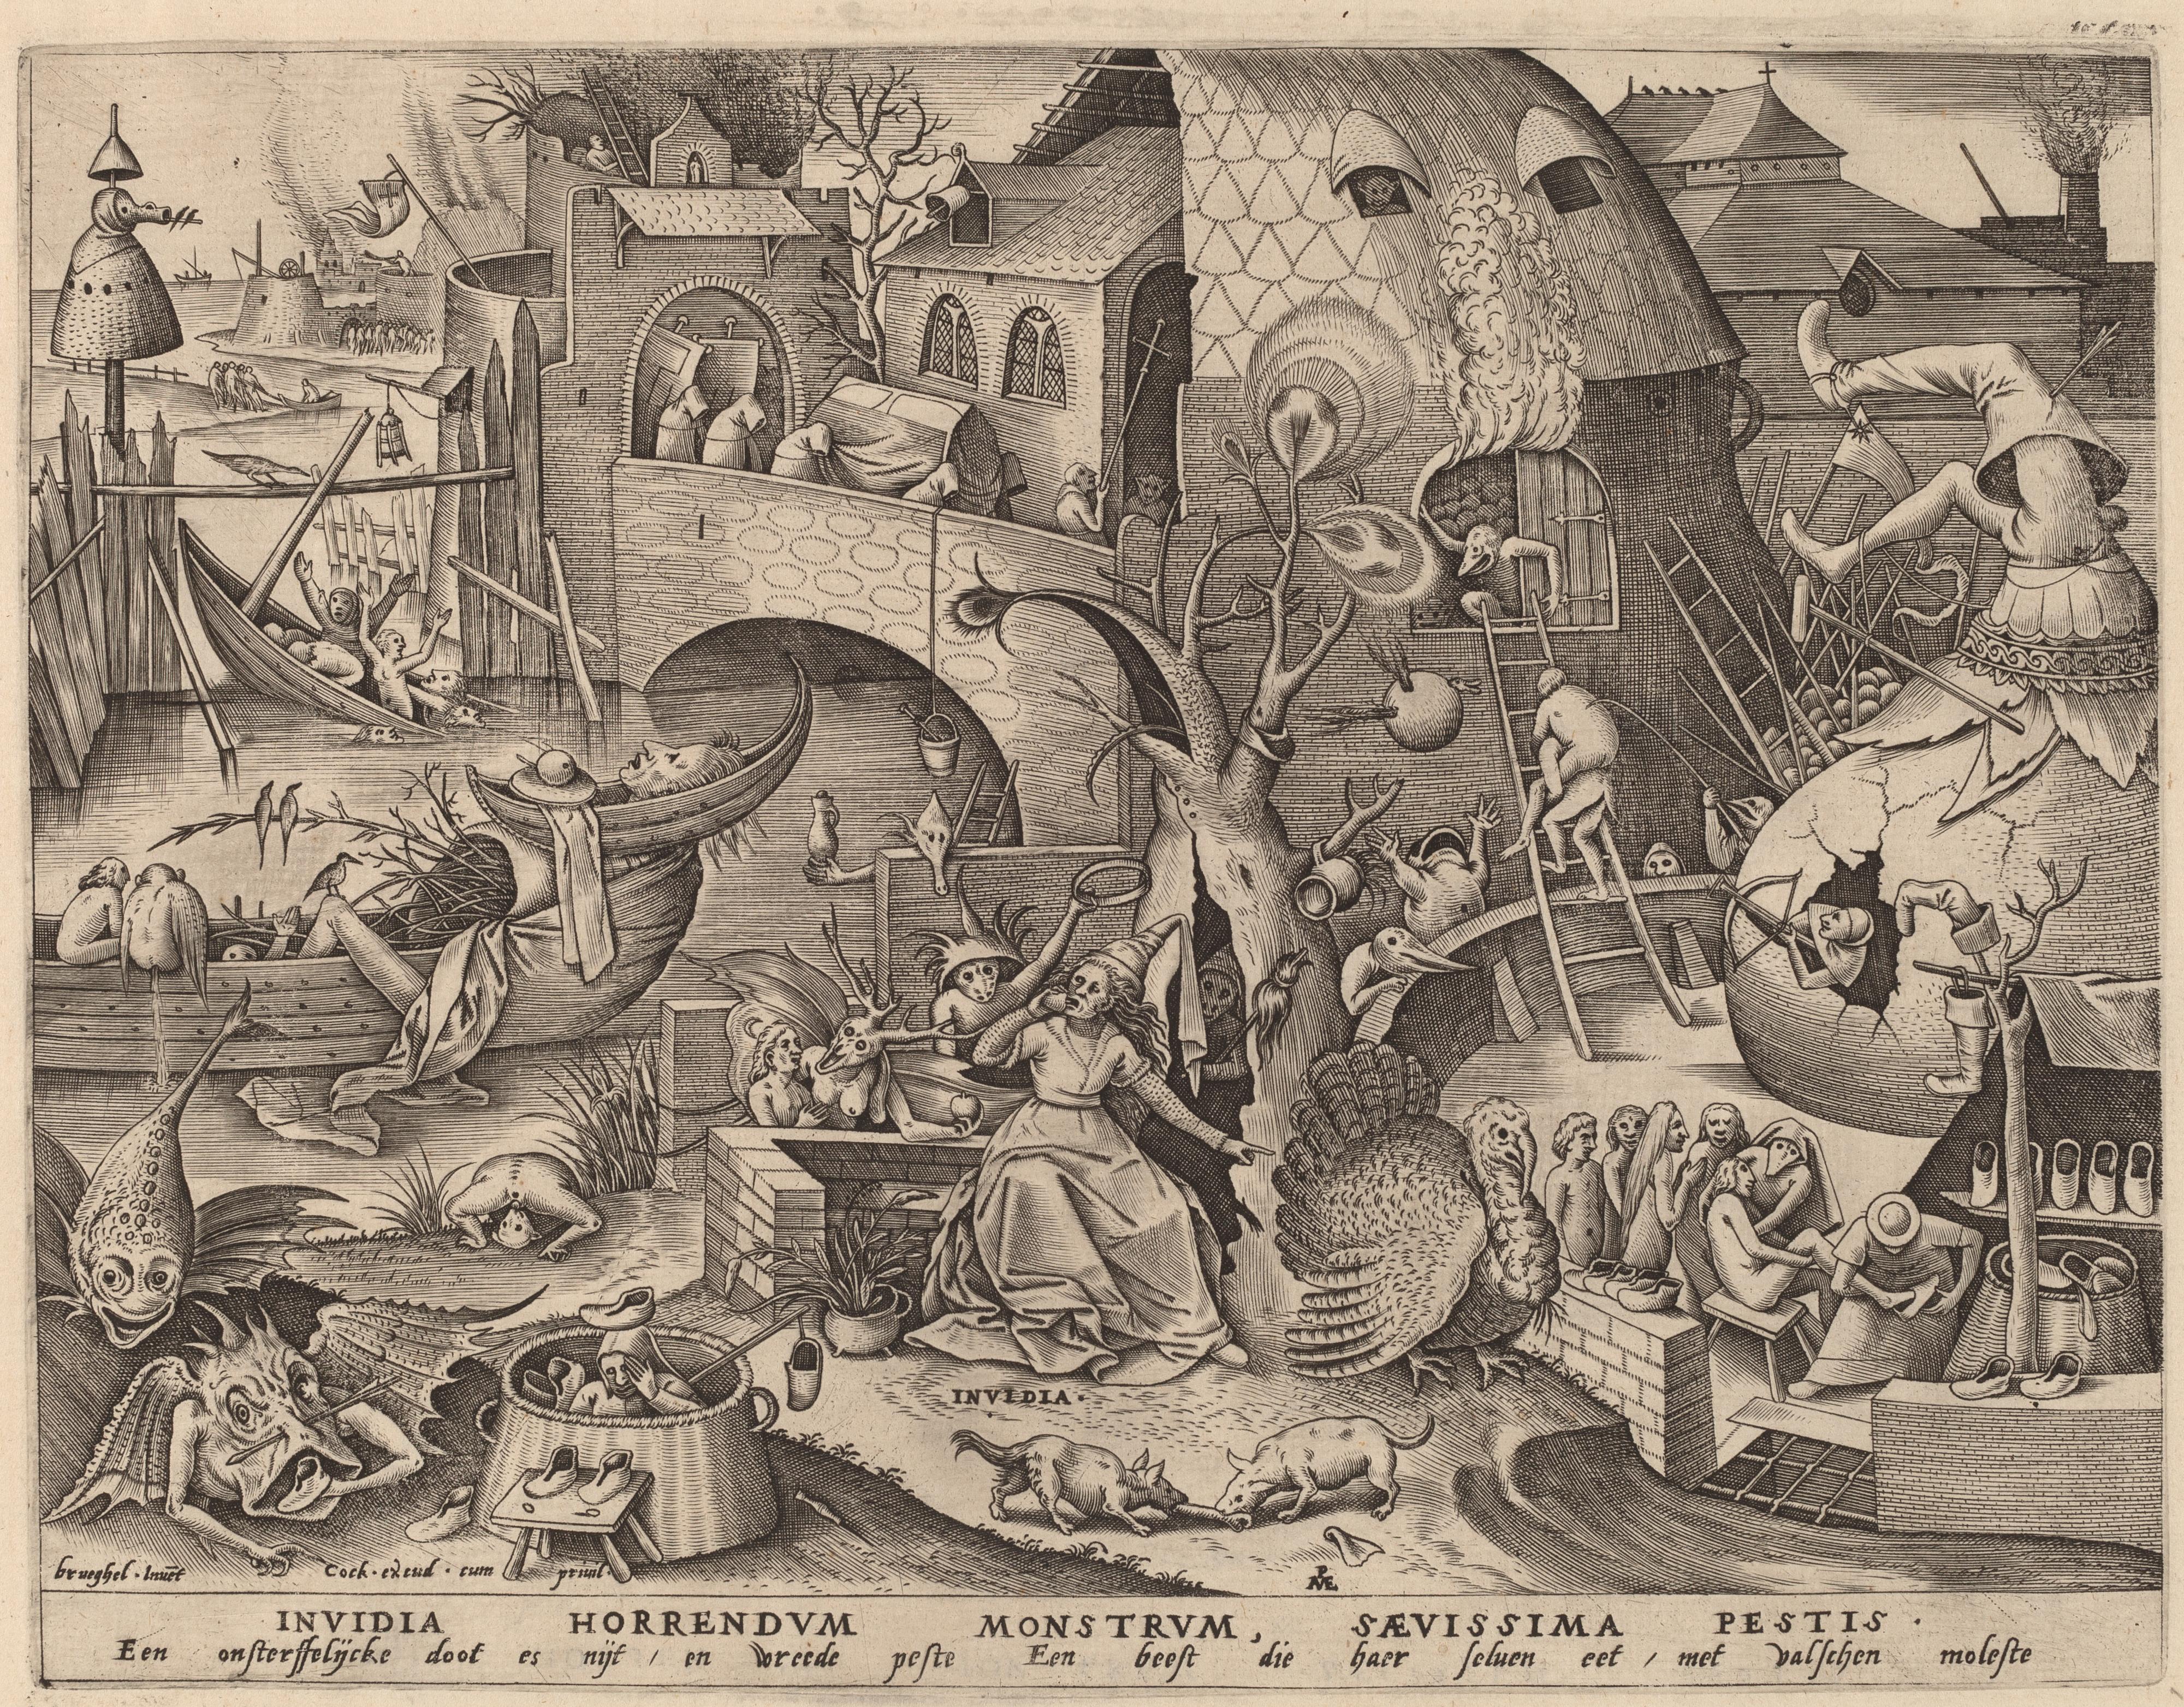 File:Pieter van der Heyden after Pieter Bruegel the Elder, Envy, published 1558, NGA 47629.jpg